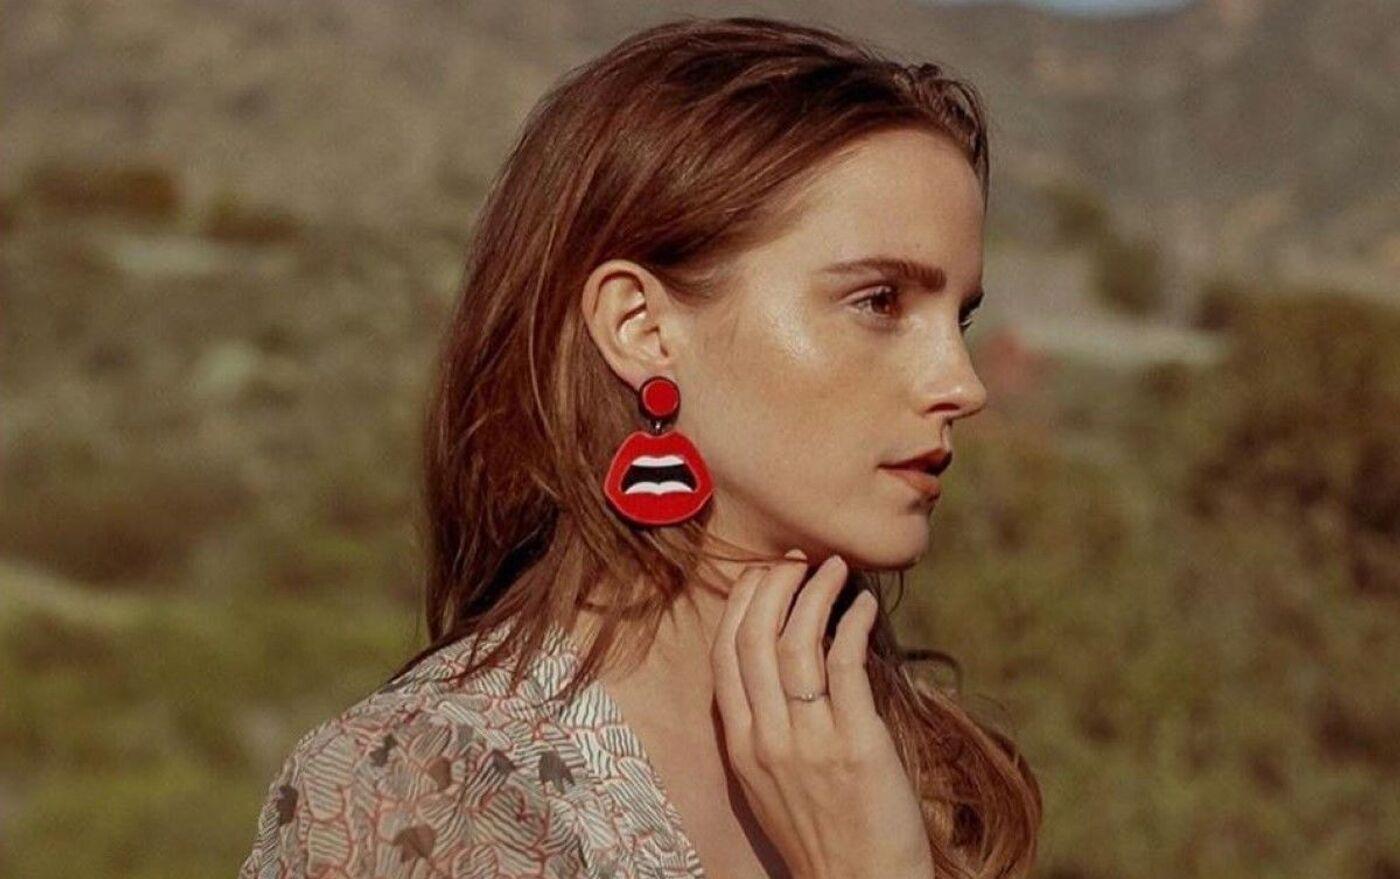 Emma Watson Objeto De Críticas Por Publicar Esta Imagen En Solidaridad Con George Floyd 03 06 2020 Sputnik Mundo